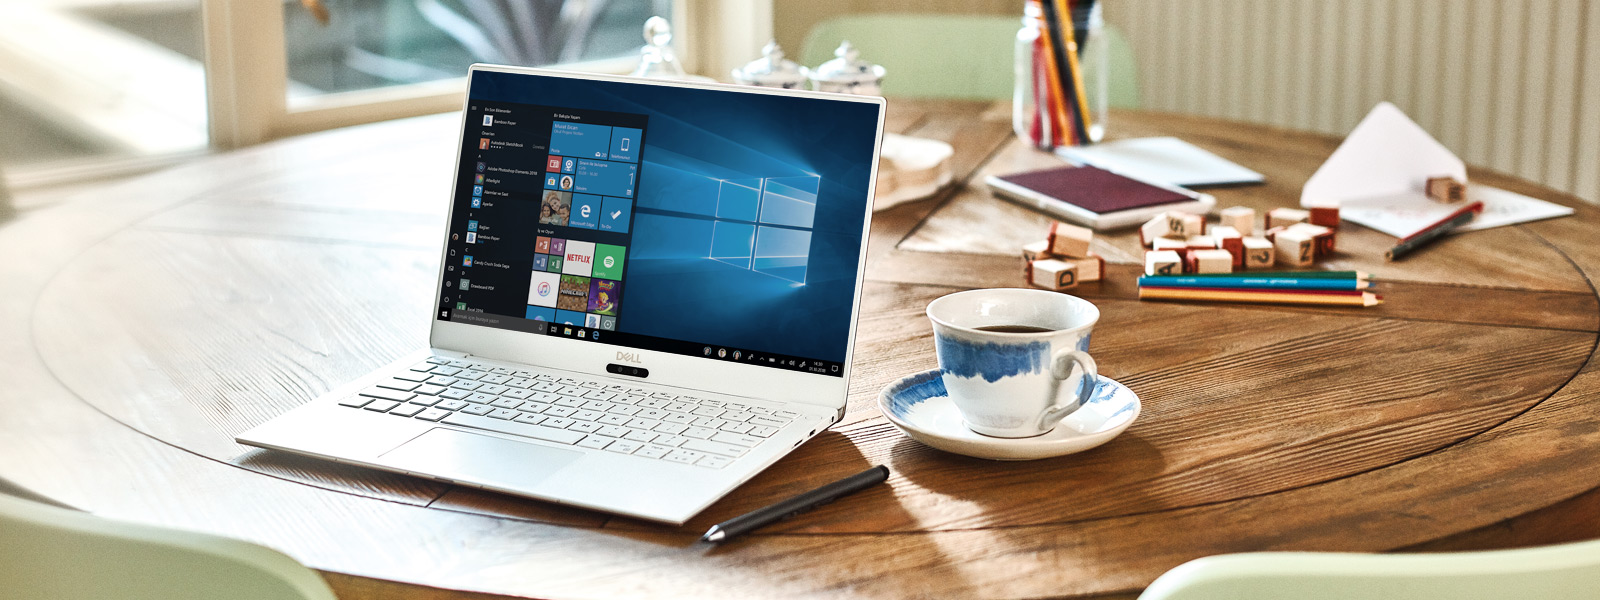 Windows 10 başlangıç ekranı açık şekilde masada duran Dell XPS 13 9370.